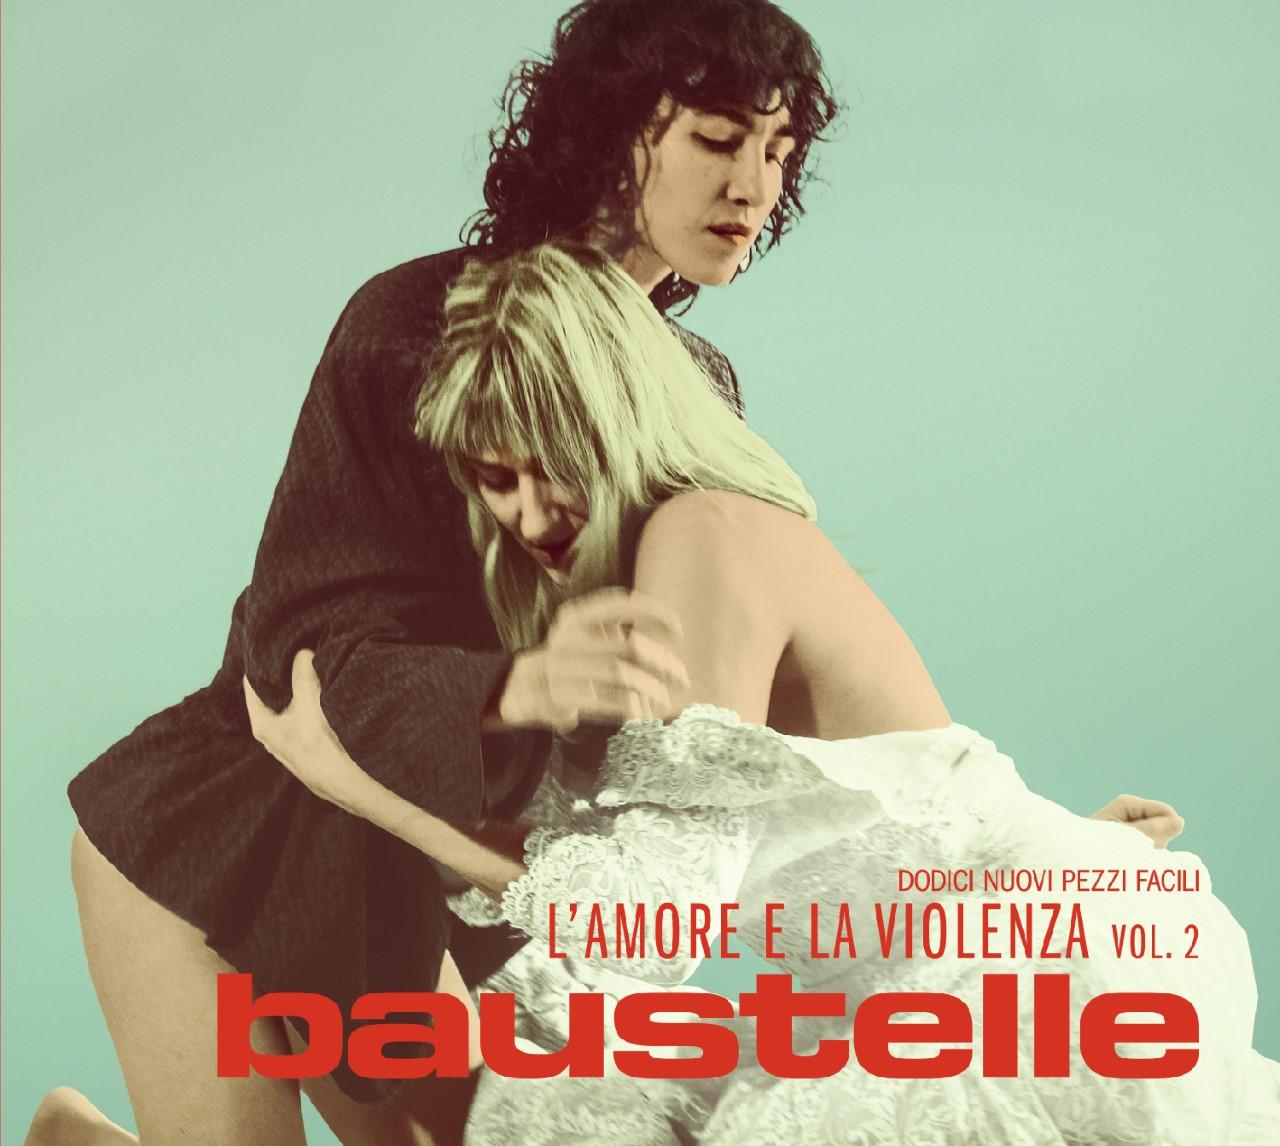 baustelle- cover album